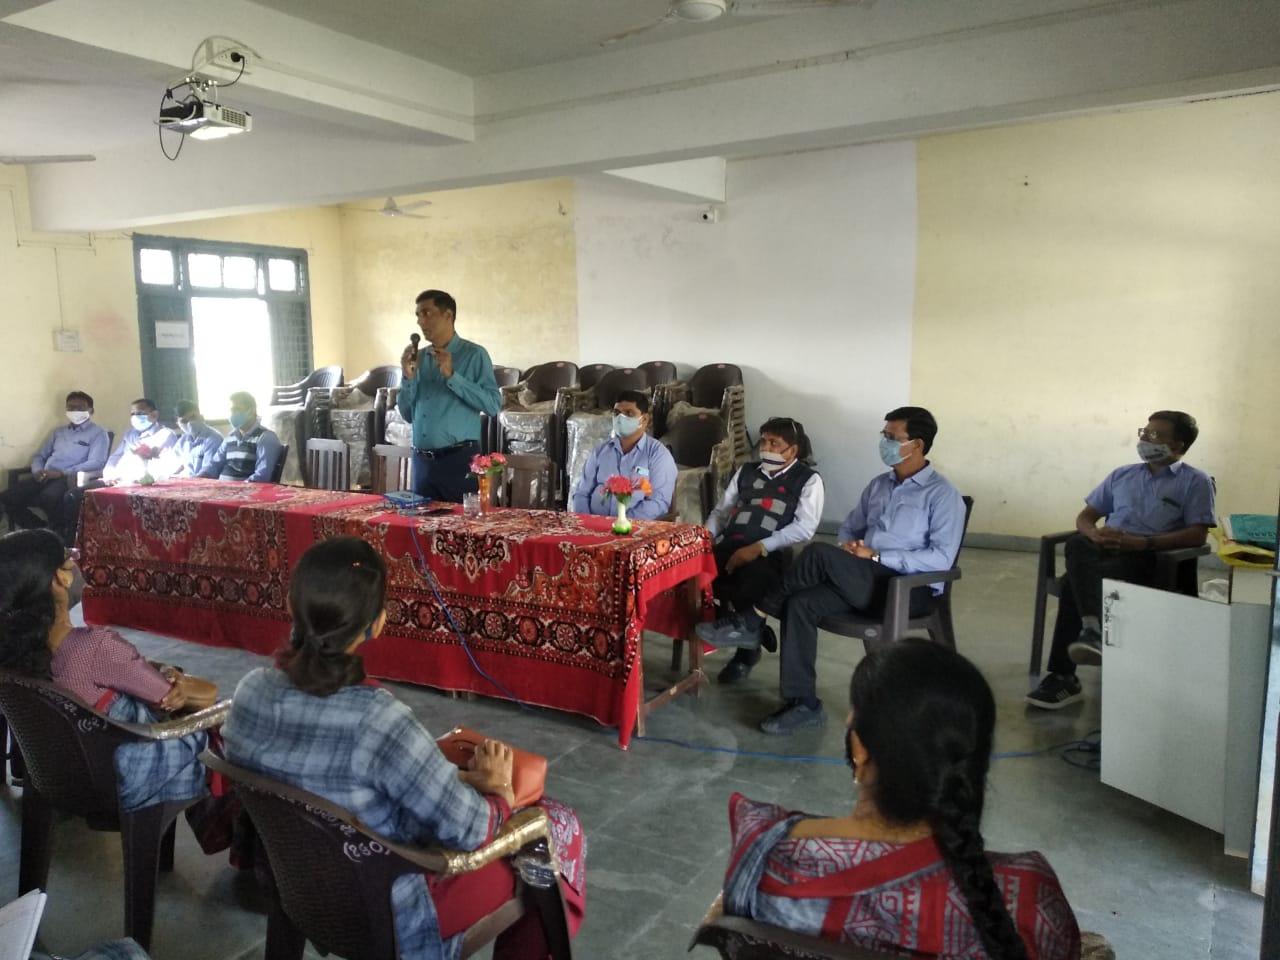 ઓલપાડમાં CRC તથા મુખ્યશિક્ષકો માટે એક દિવસીય માર્ગદર્શન શિબીર|બારડોલી,Bardoli - Divya Bhaskar